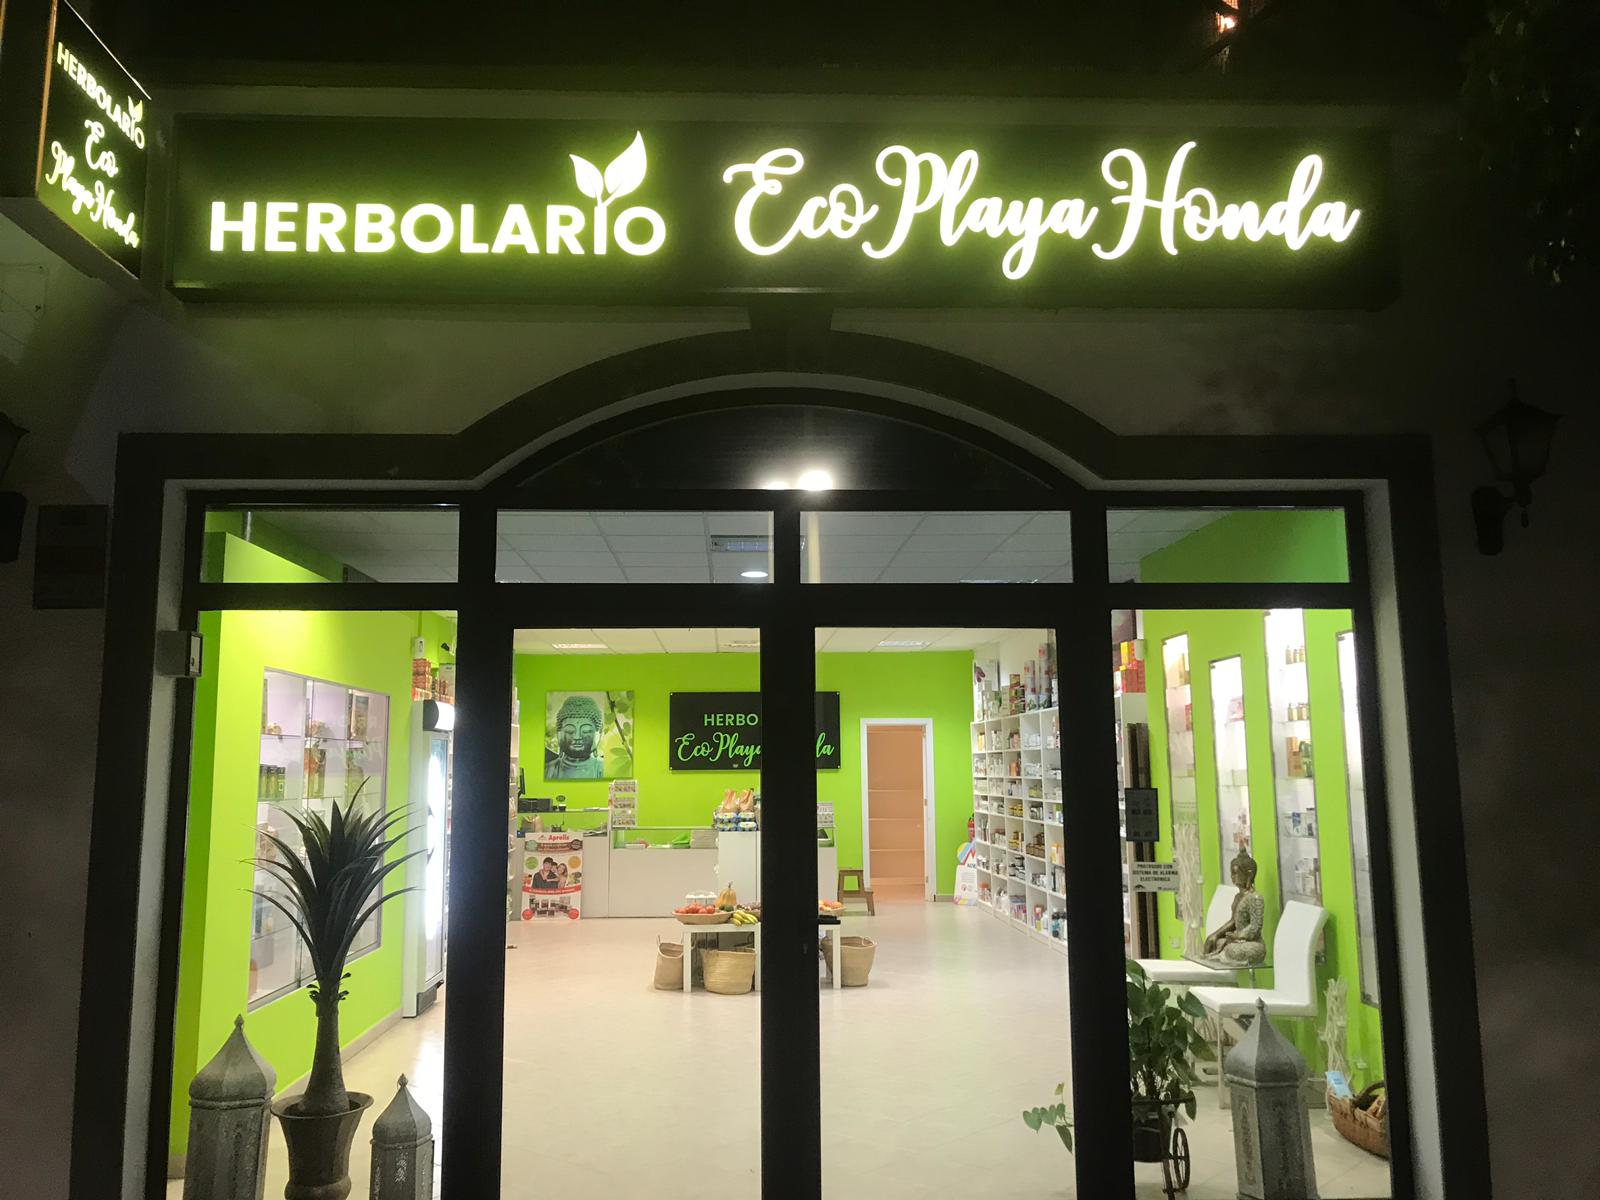 Herbolario ECOPLAYAHONDA